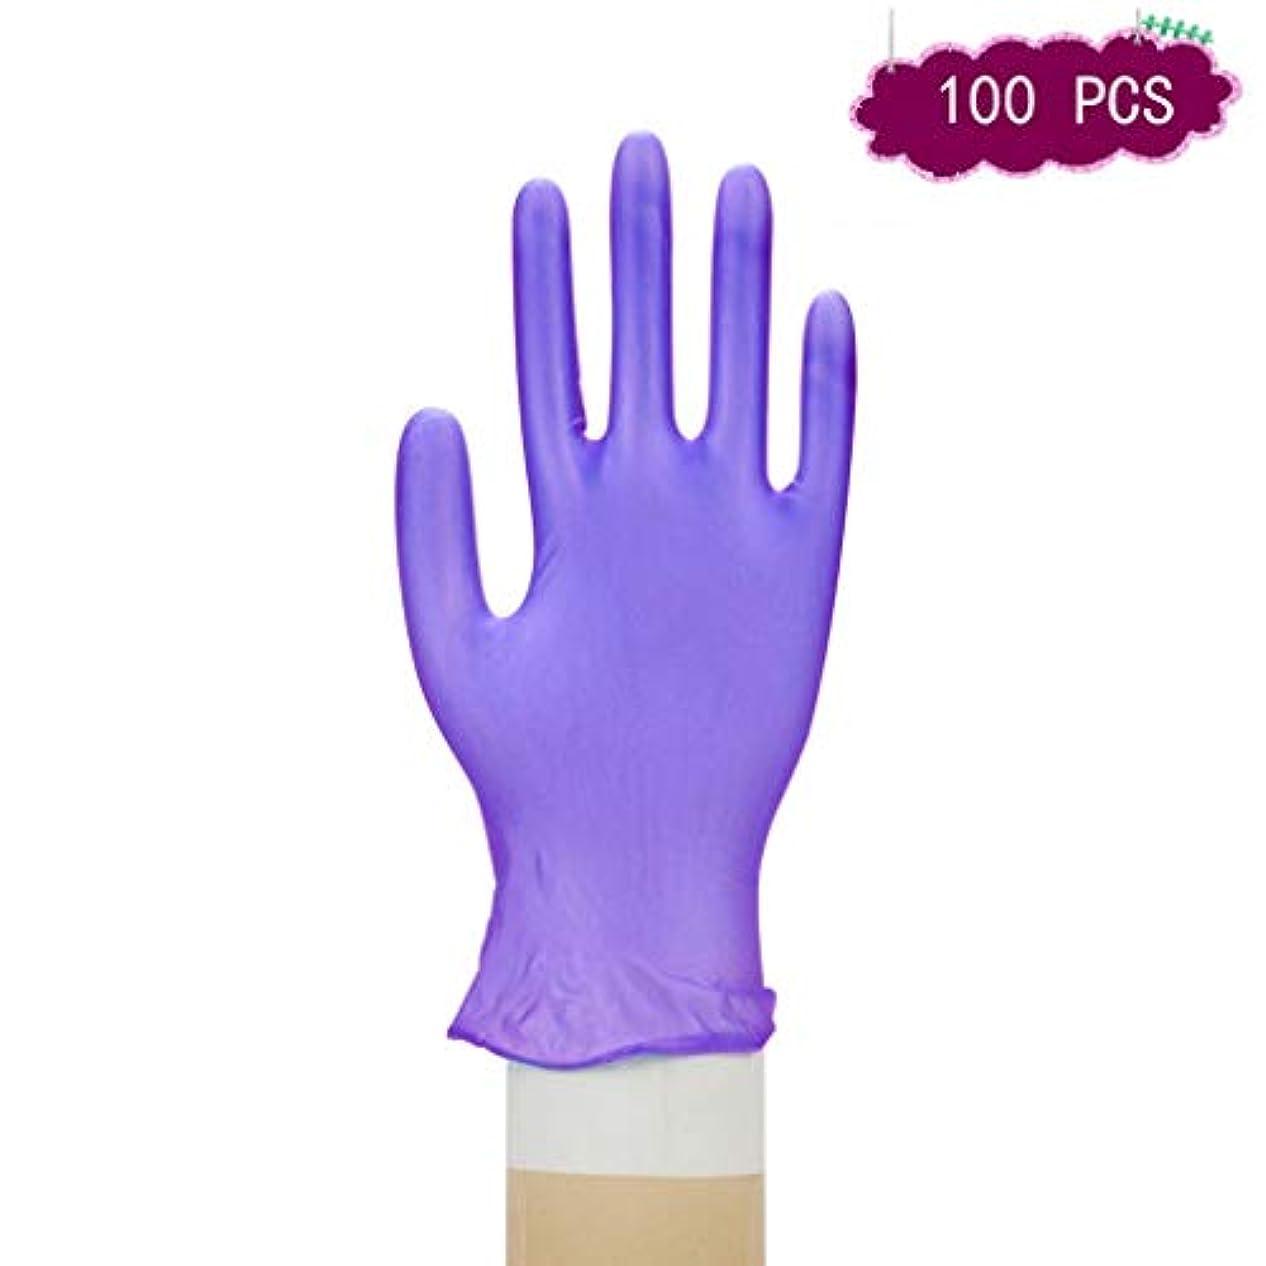 安心させる二十マウントバンク使い捨てラテックス手袋パープル静電気防止手袋は、無菌ラバータトゥーのためにネイルサロンをチェック (Color : 9 inch, Size : M)